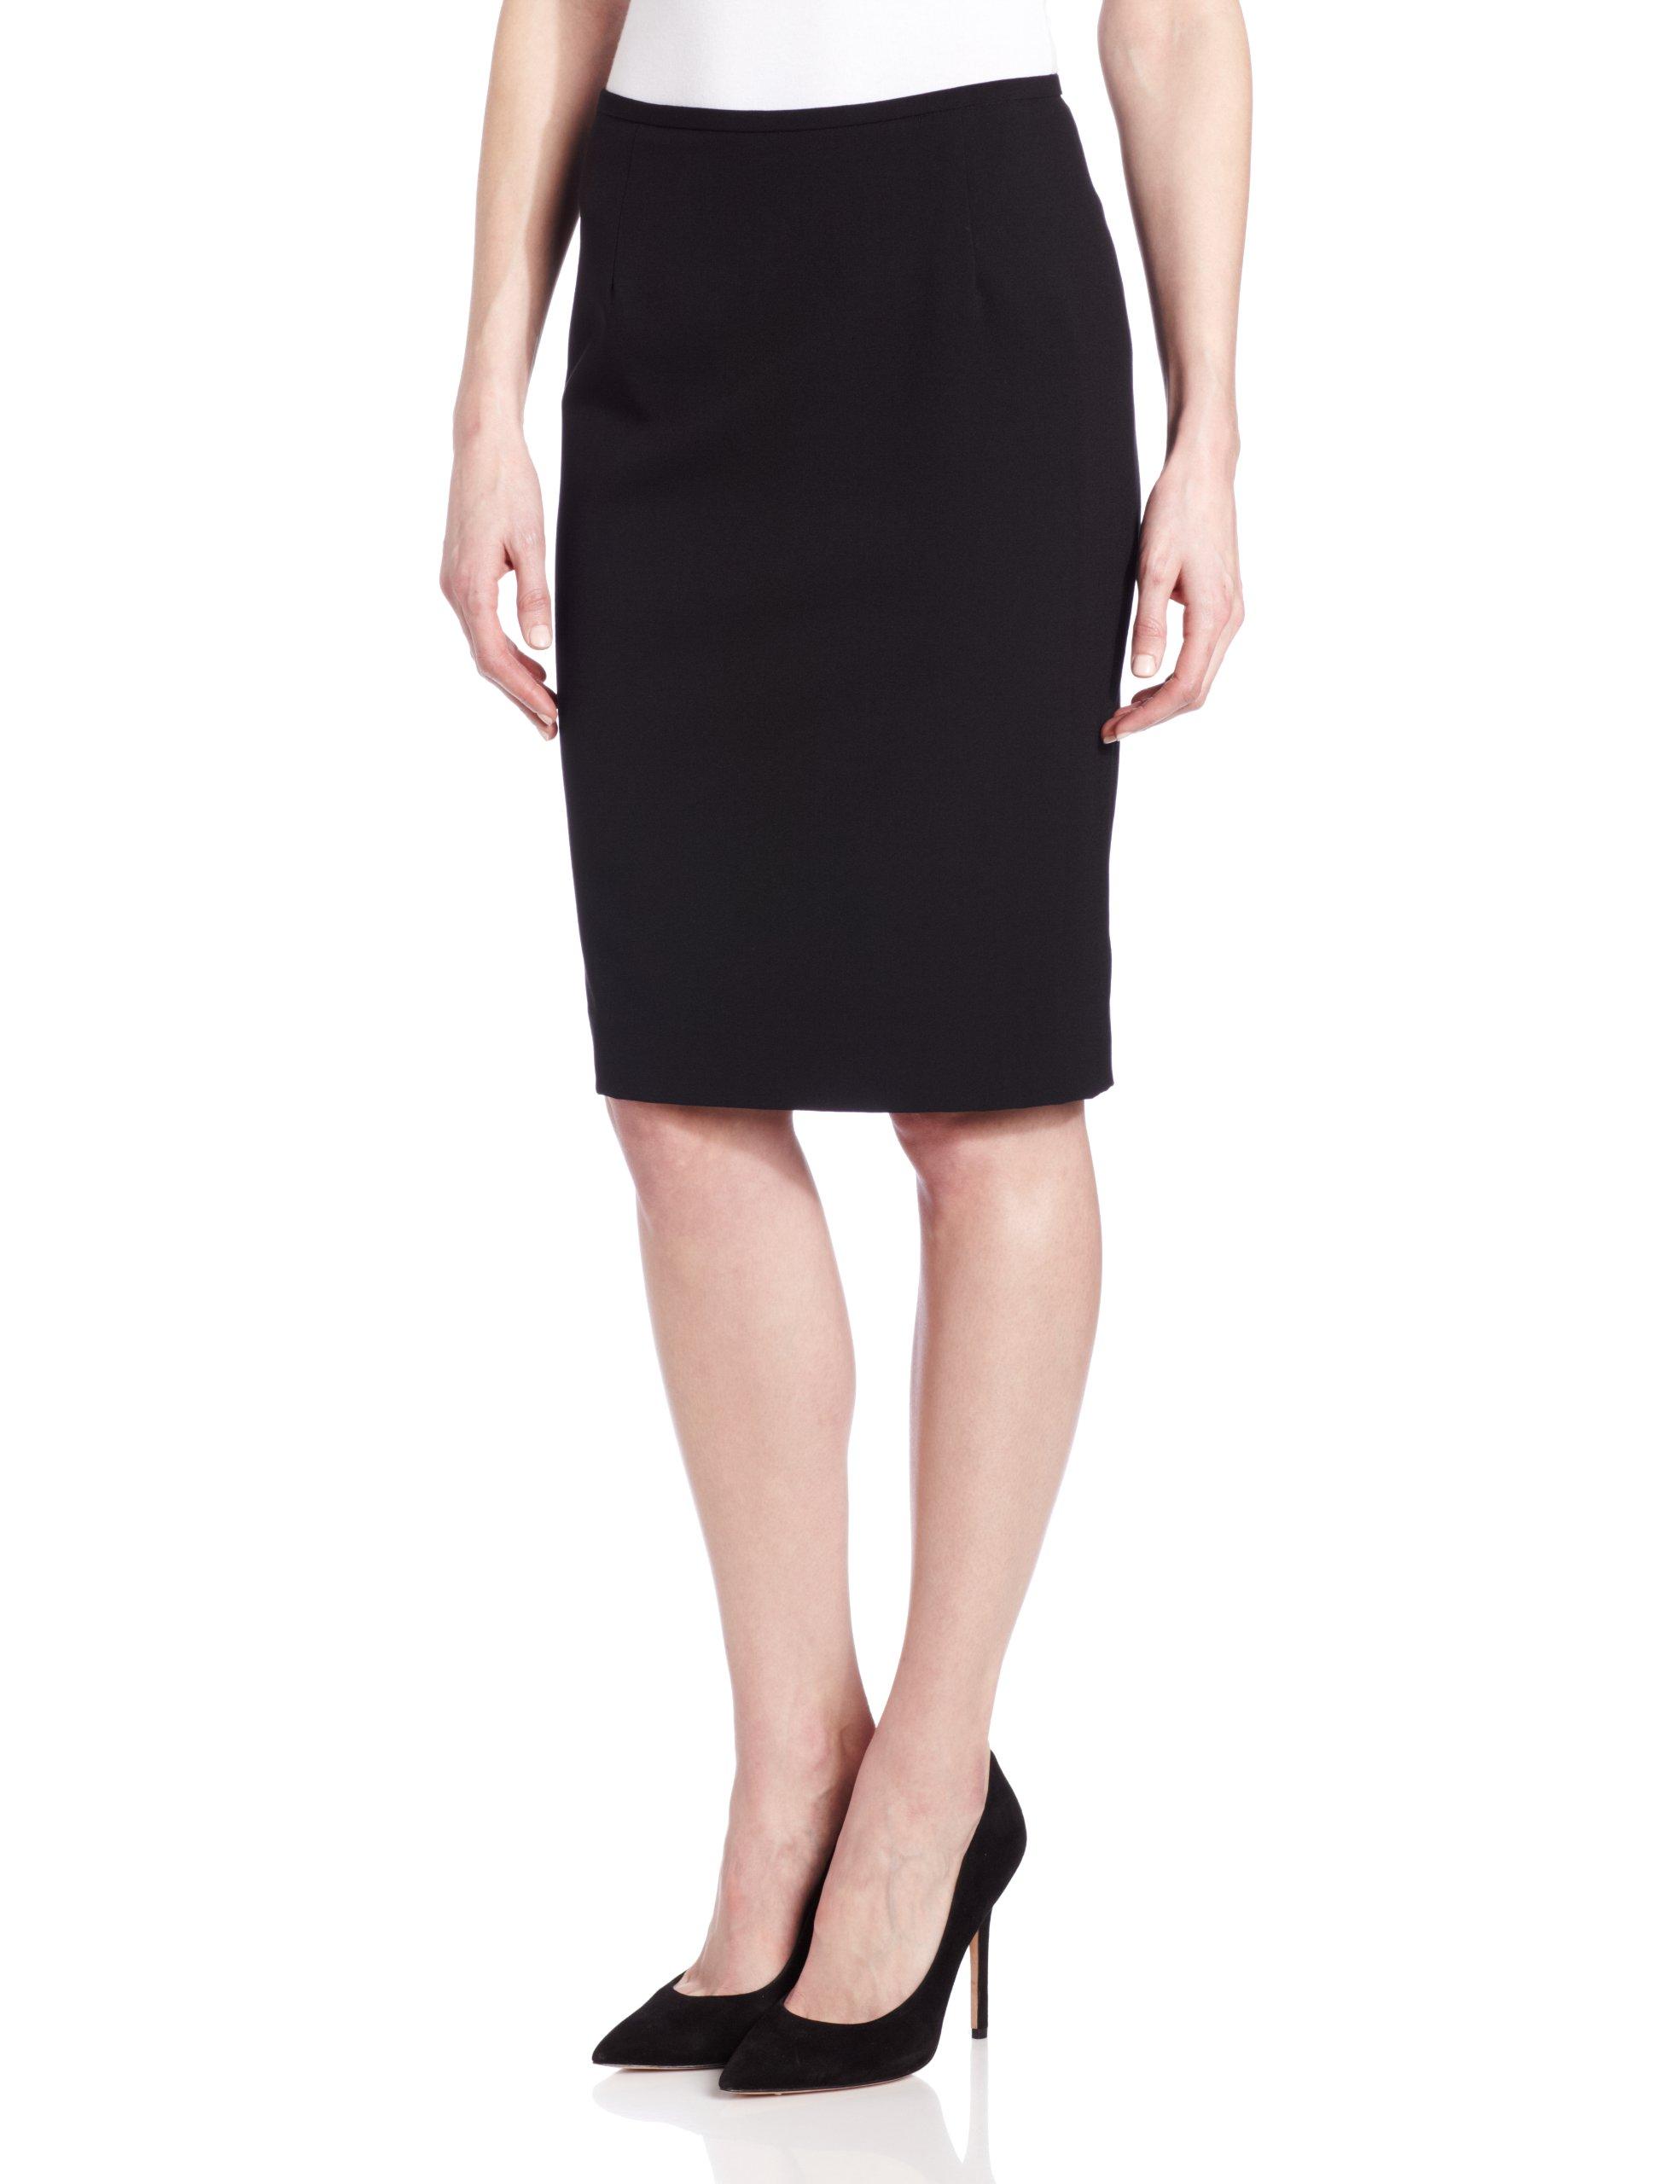 Calvin Klein Women's Lux Stretch Pencil Skirt,Black,16